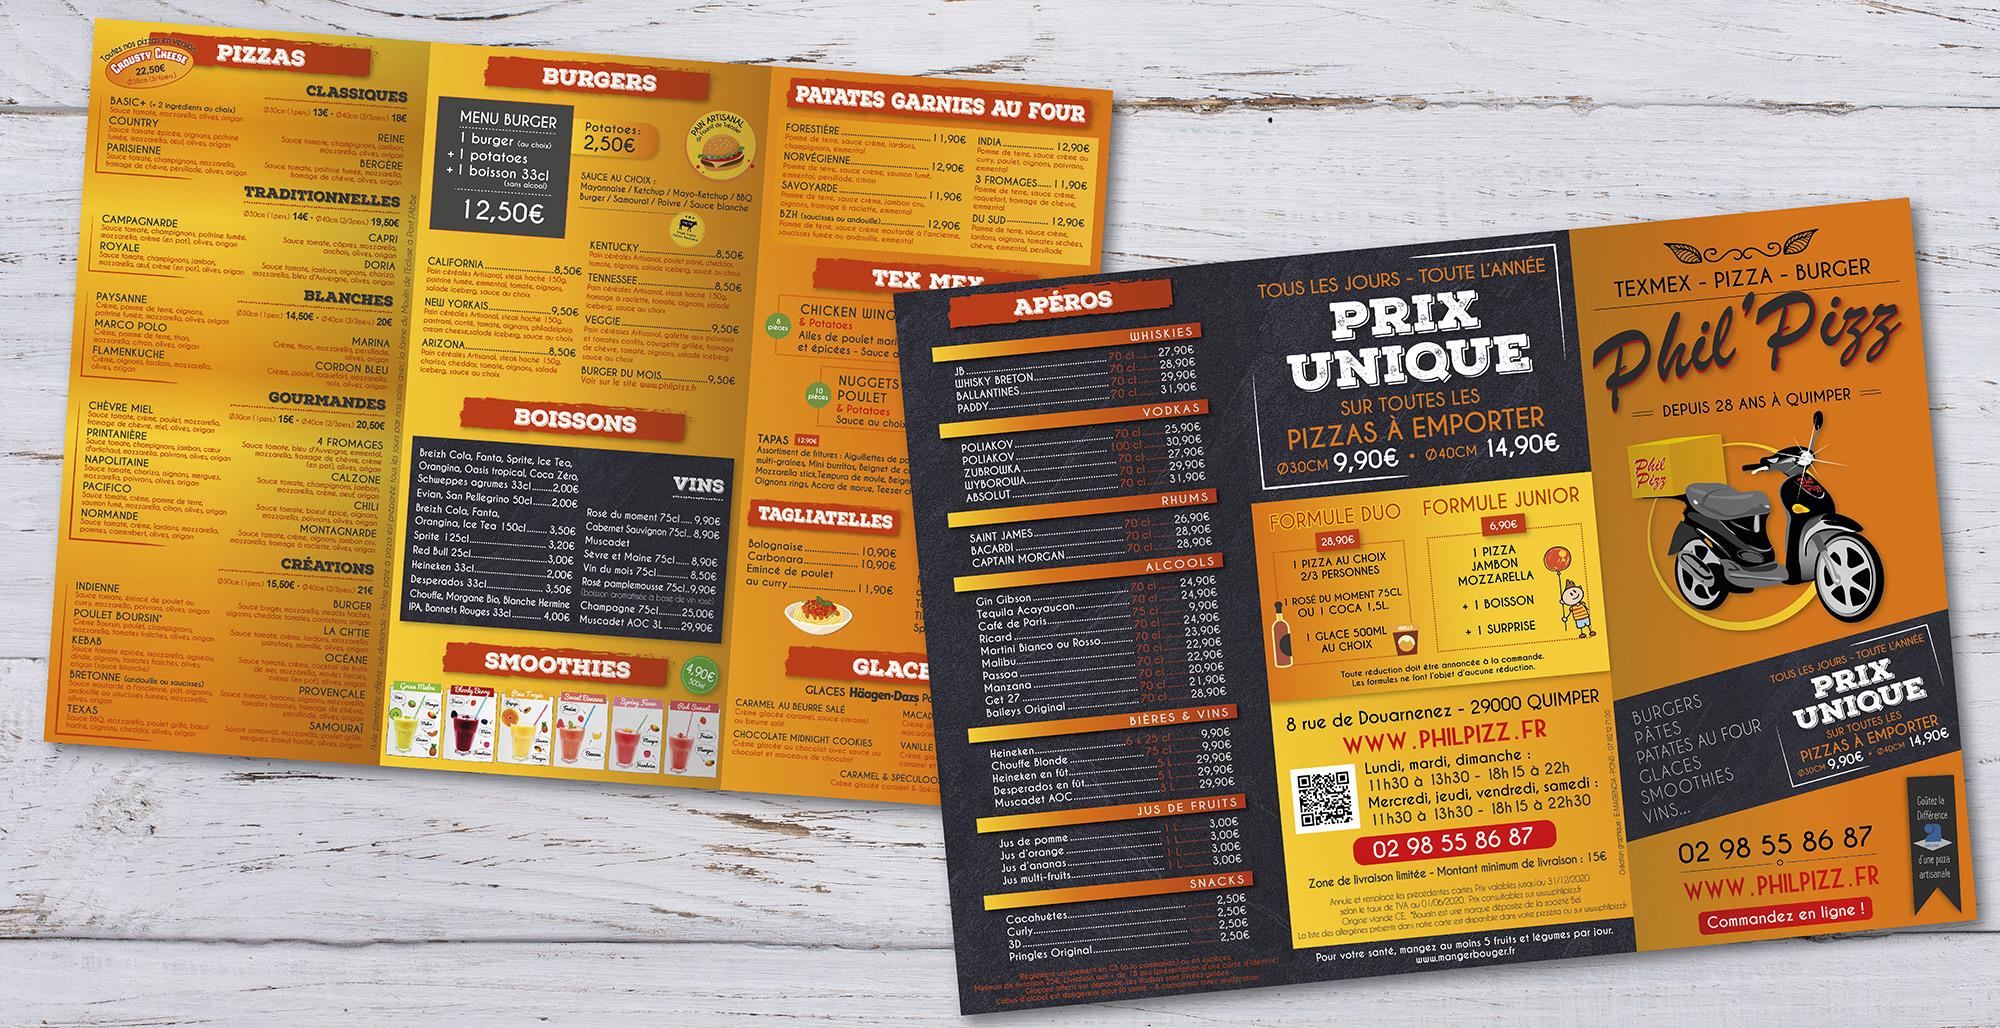 E-magencia - portfolio - Brochure Menu Pizzeria Phil Pizz